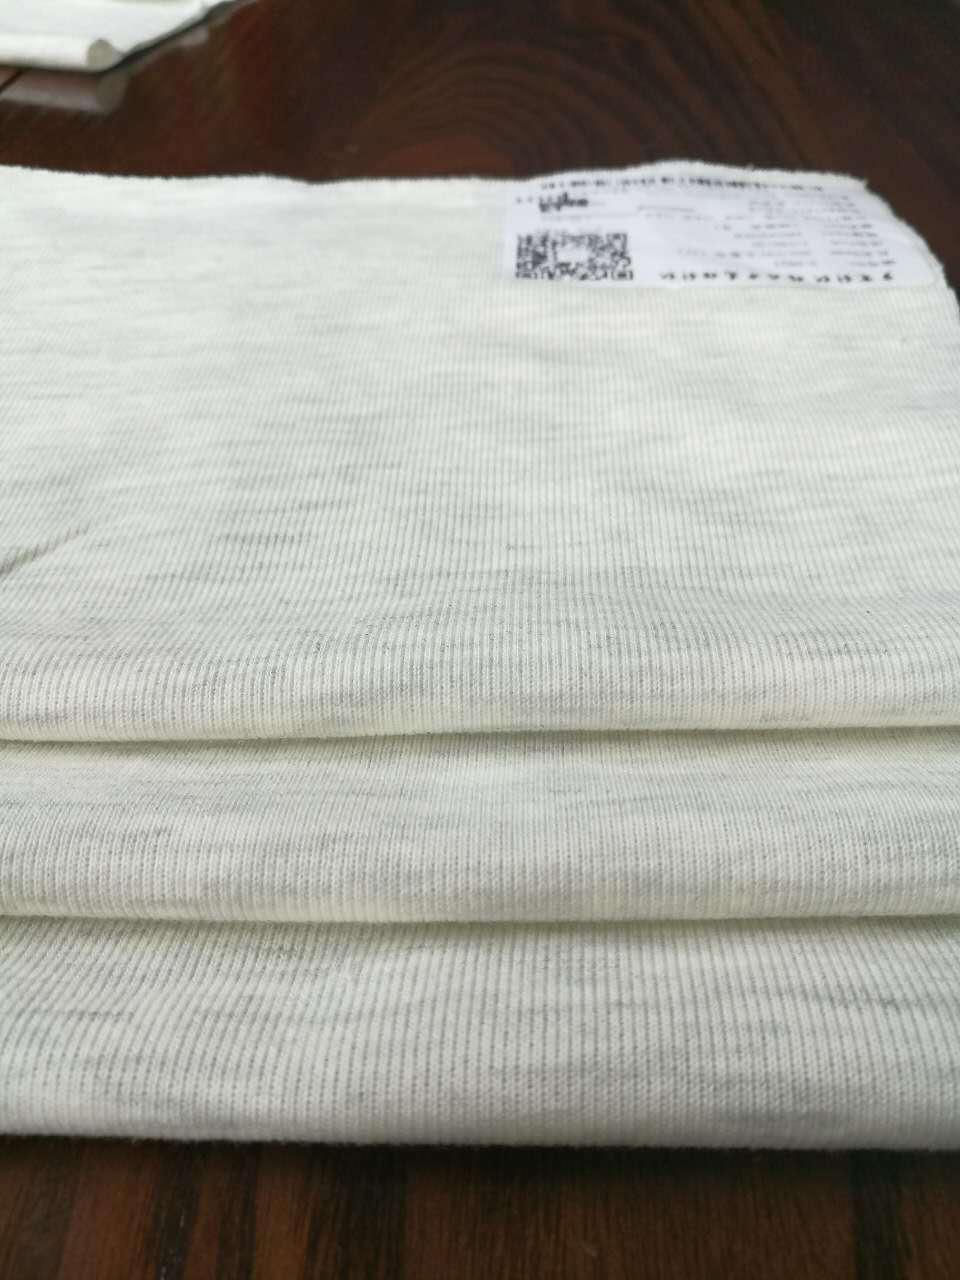 SUIHAN Vải French Terry (Vấy cá) Hemp xám 40 chải nhỏ nhà sản xuất vải terry trong kho Tack cotton đ